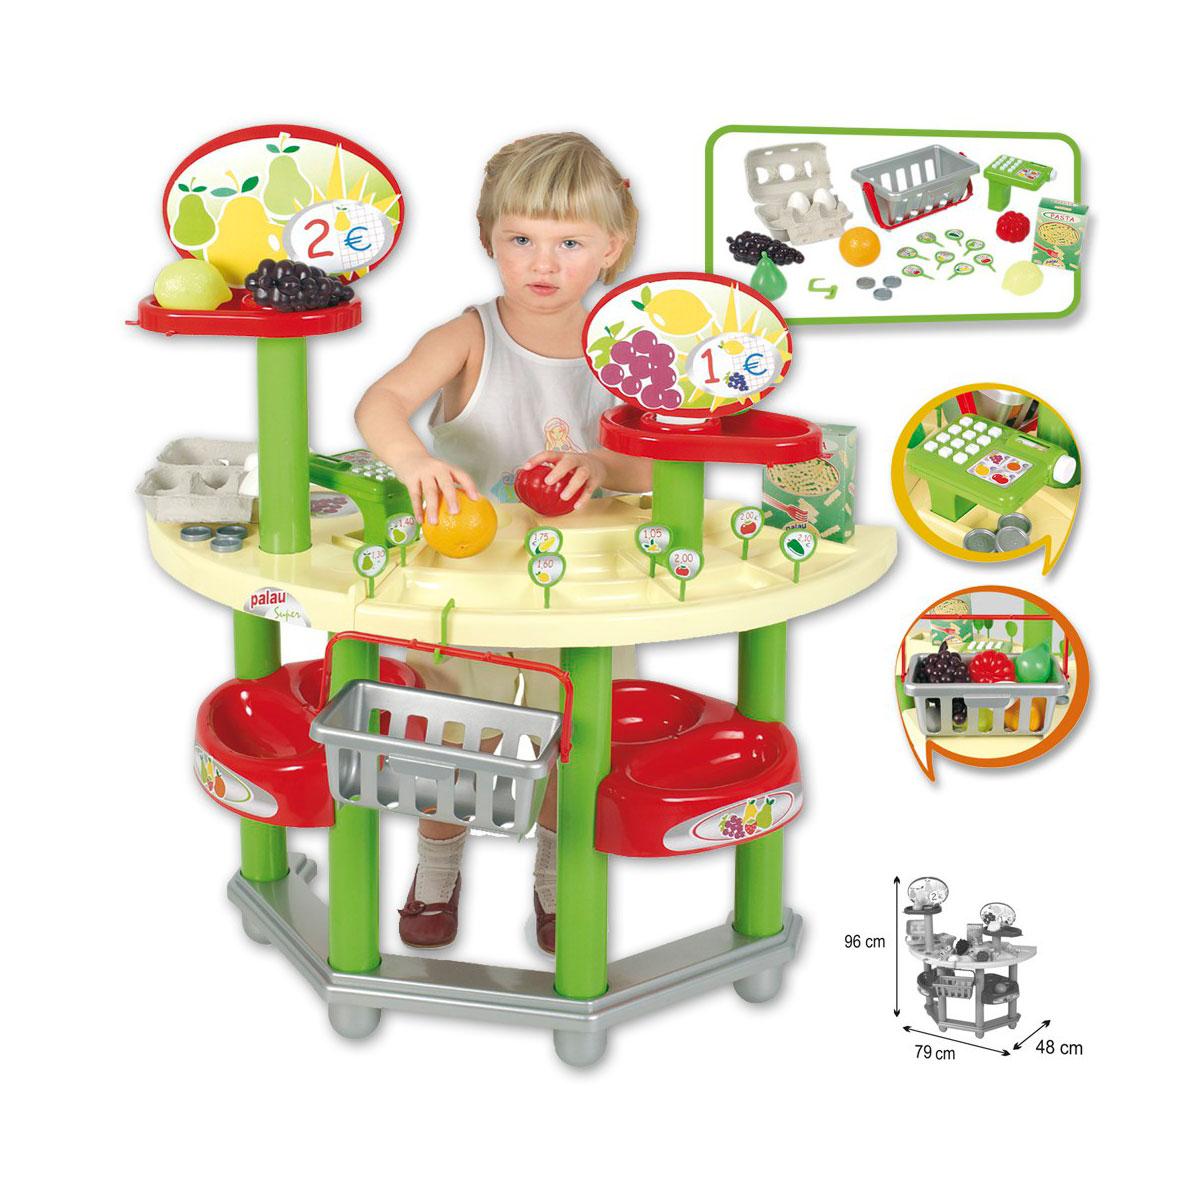 ����� ����������� Palau 42965 Toys Supermarket 1